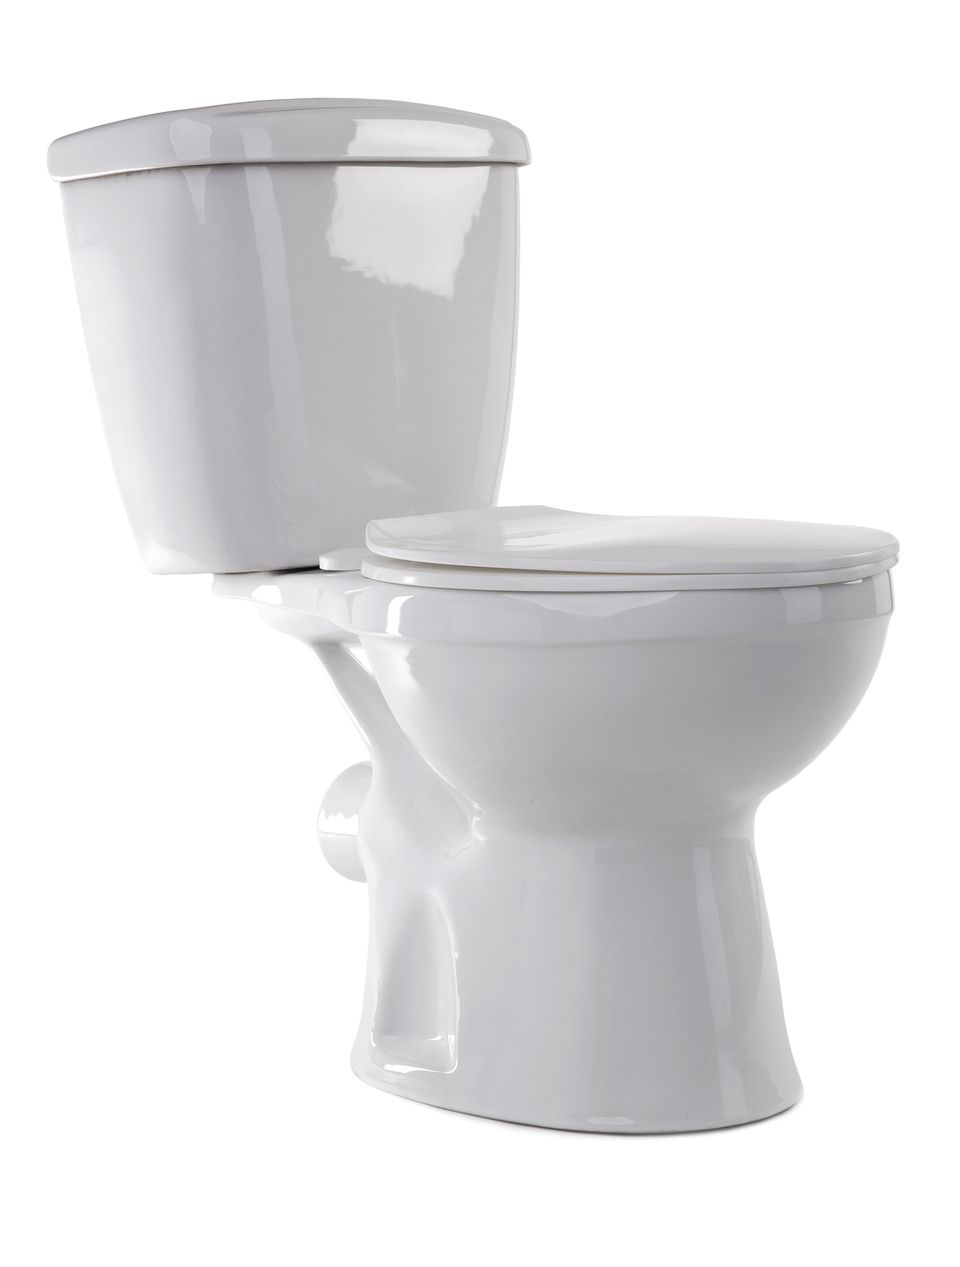 White enamel toilet on a white background